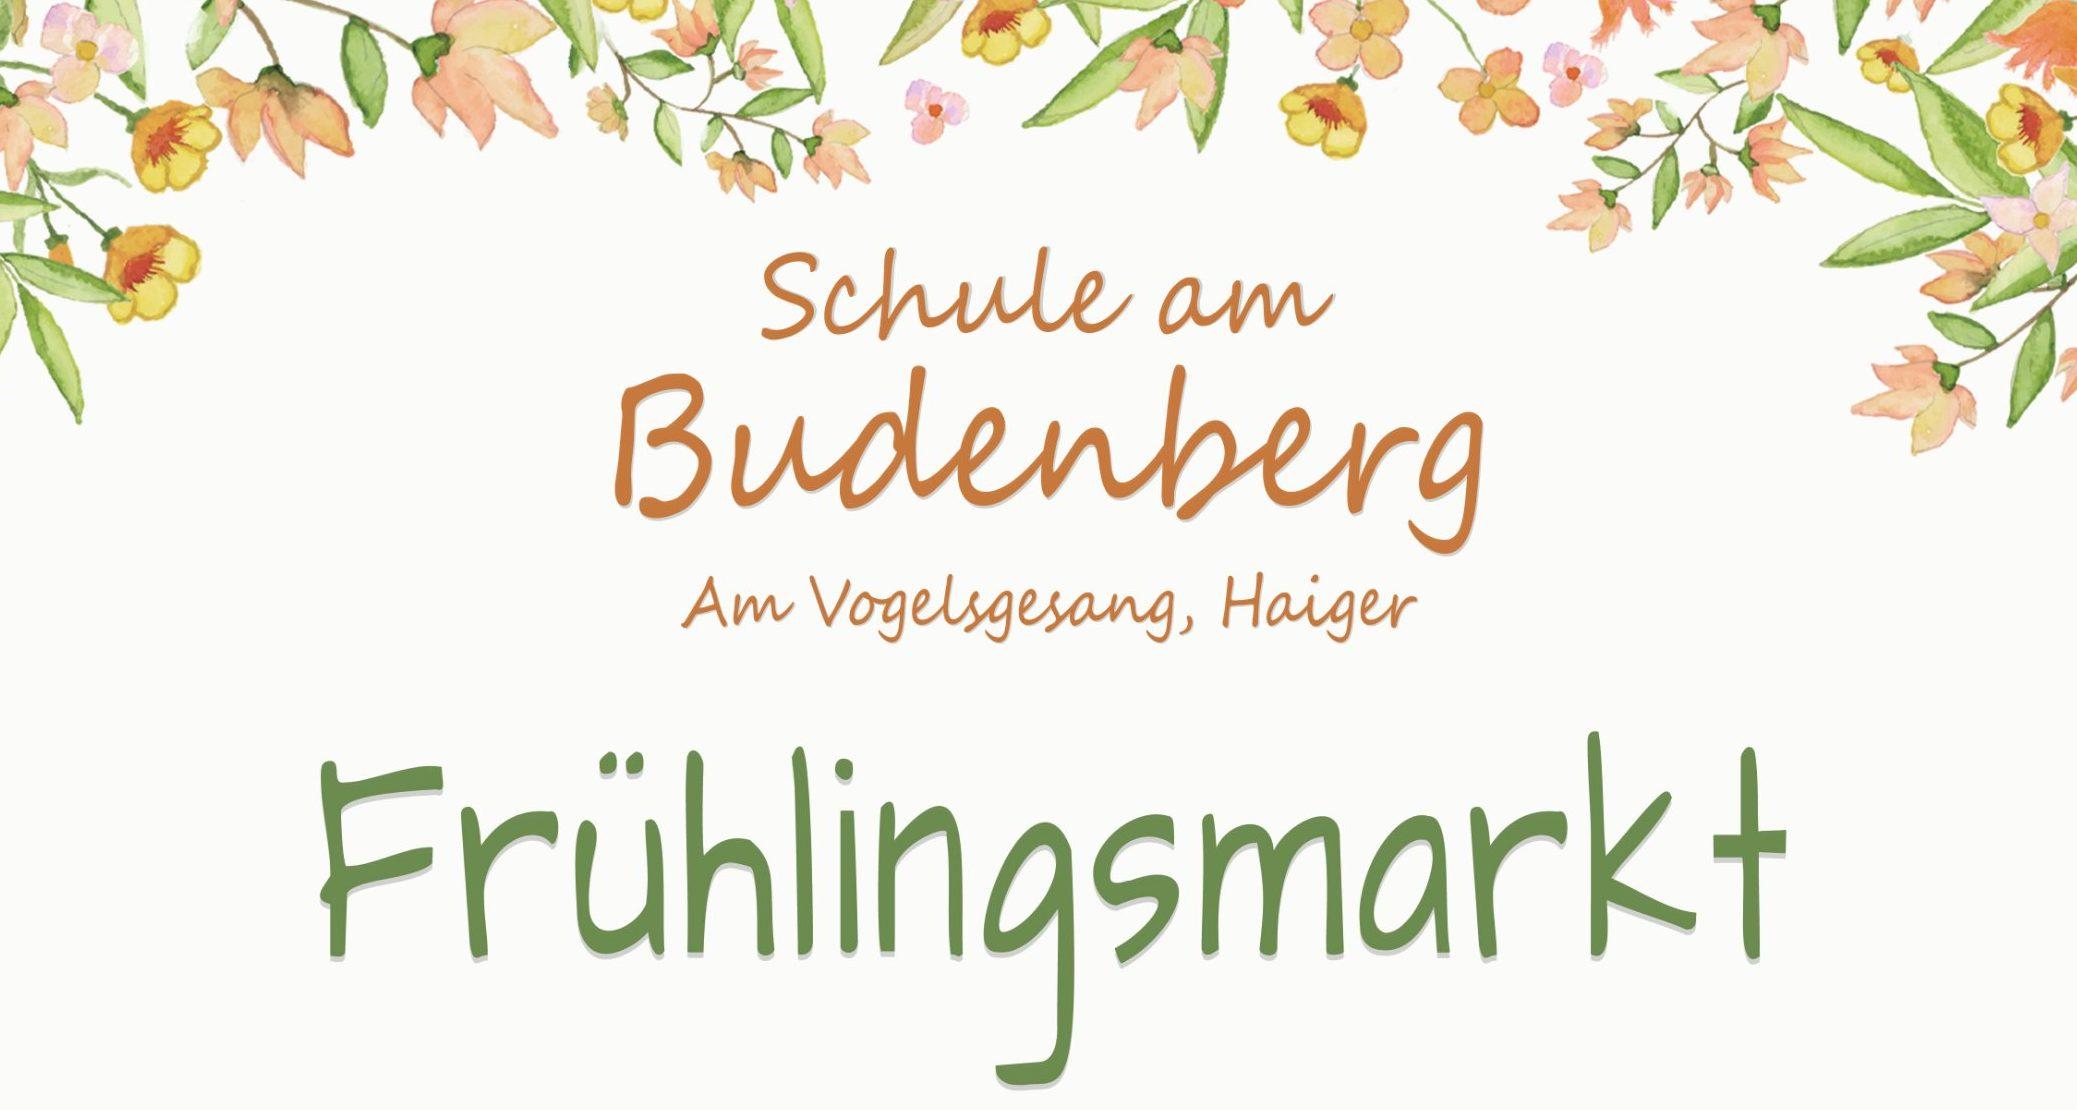 Frühlingsmarkt lockt zahlreiche Besucher an die Schule am Budenberg